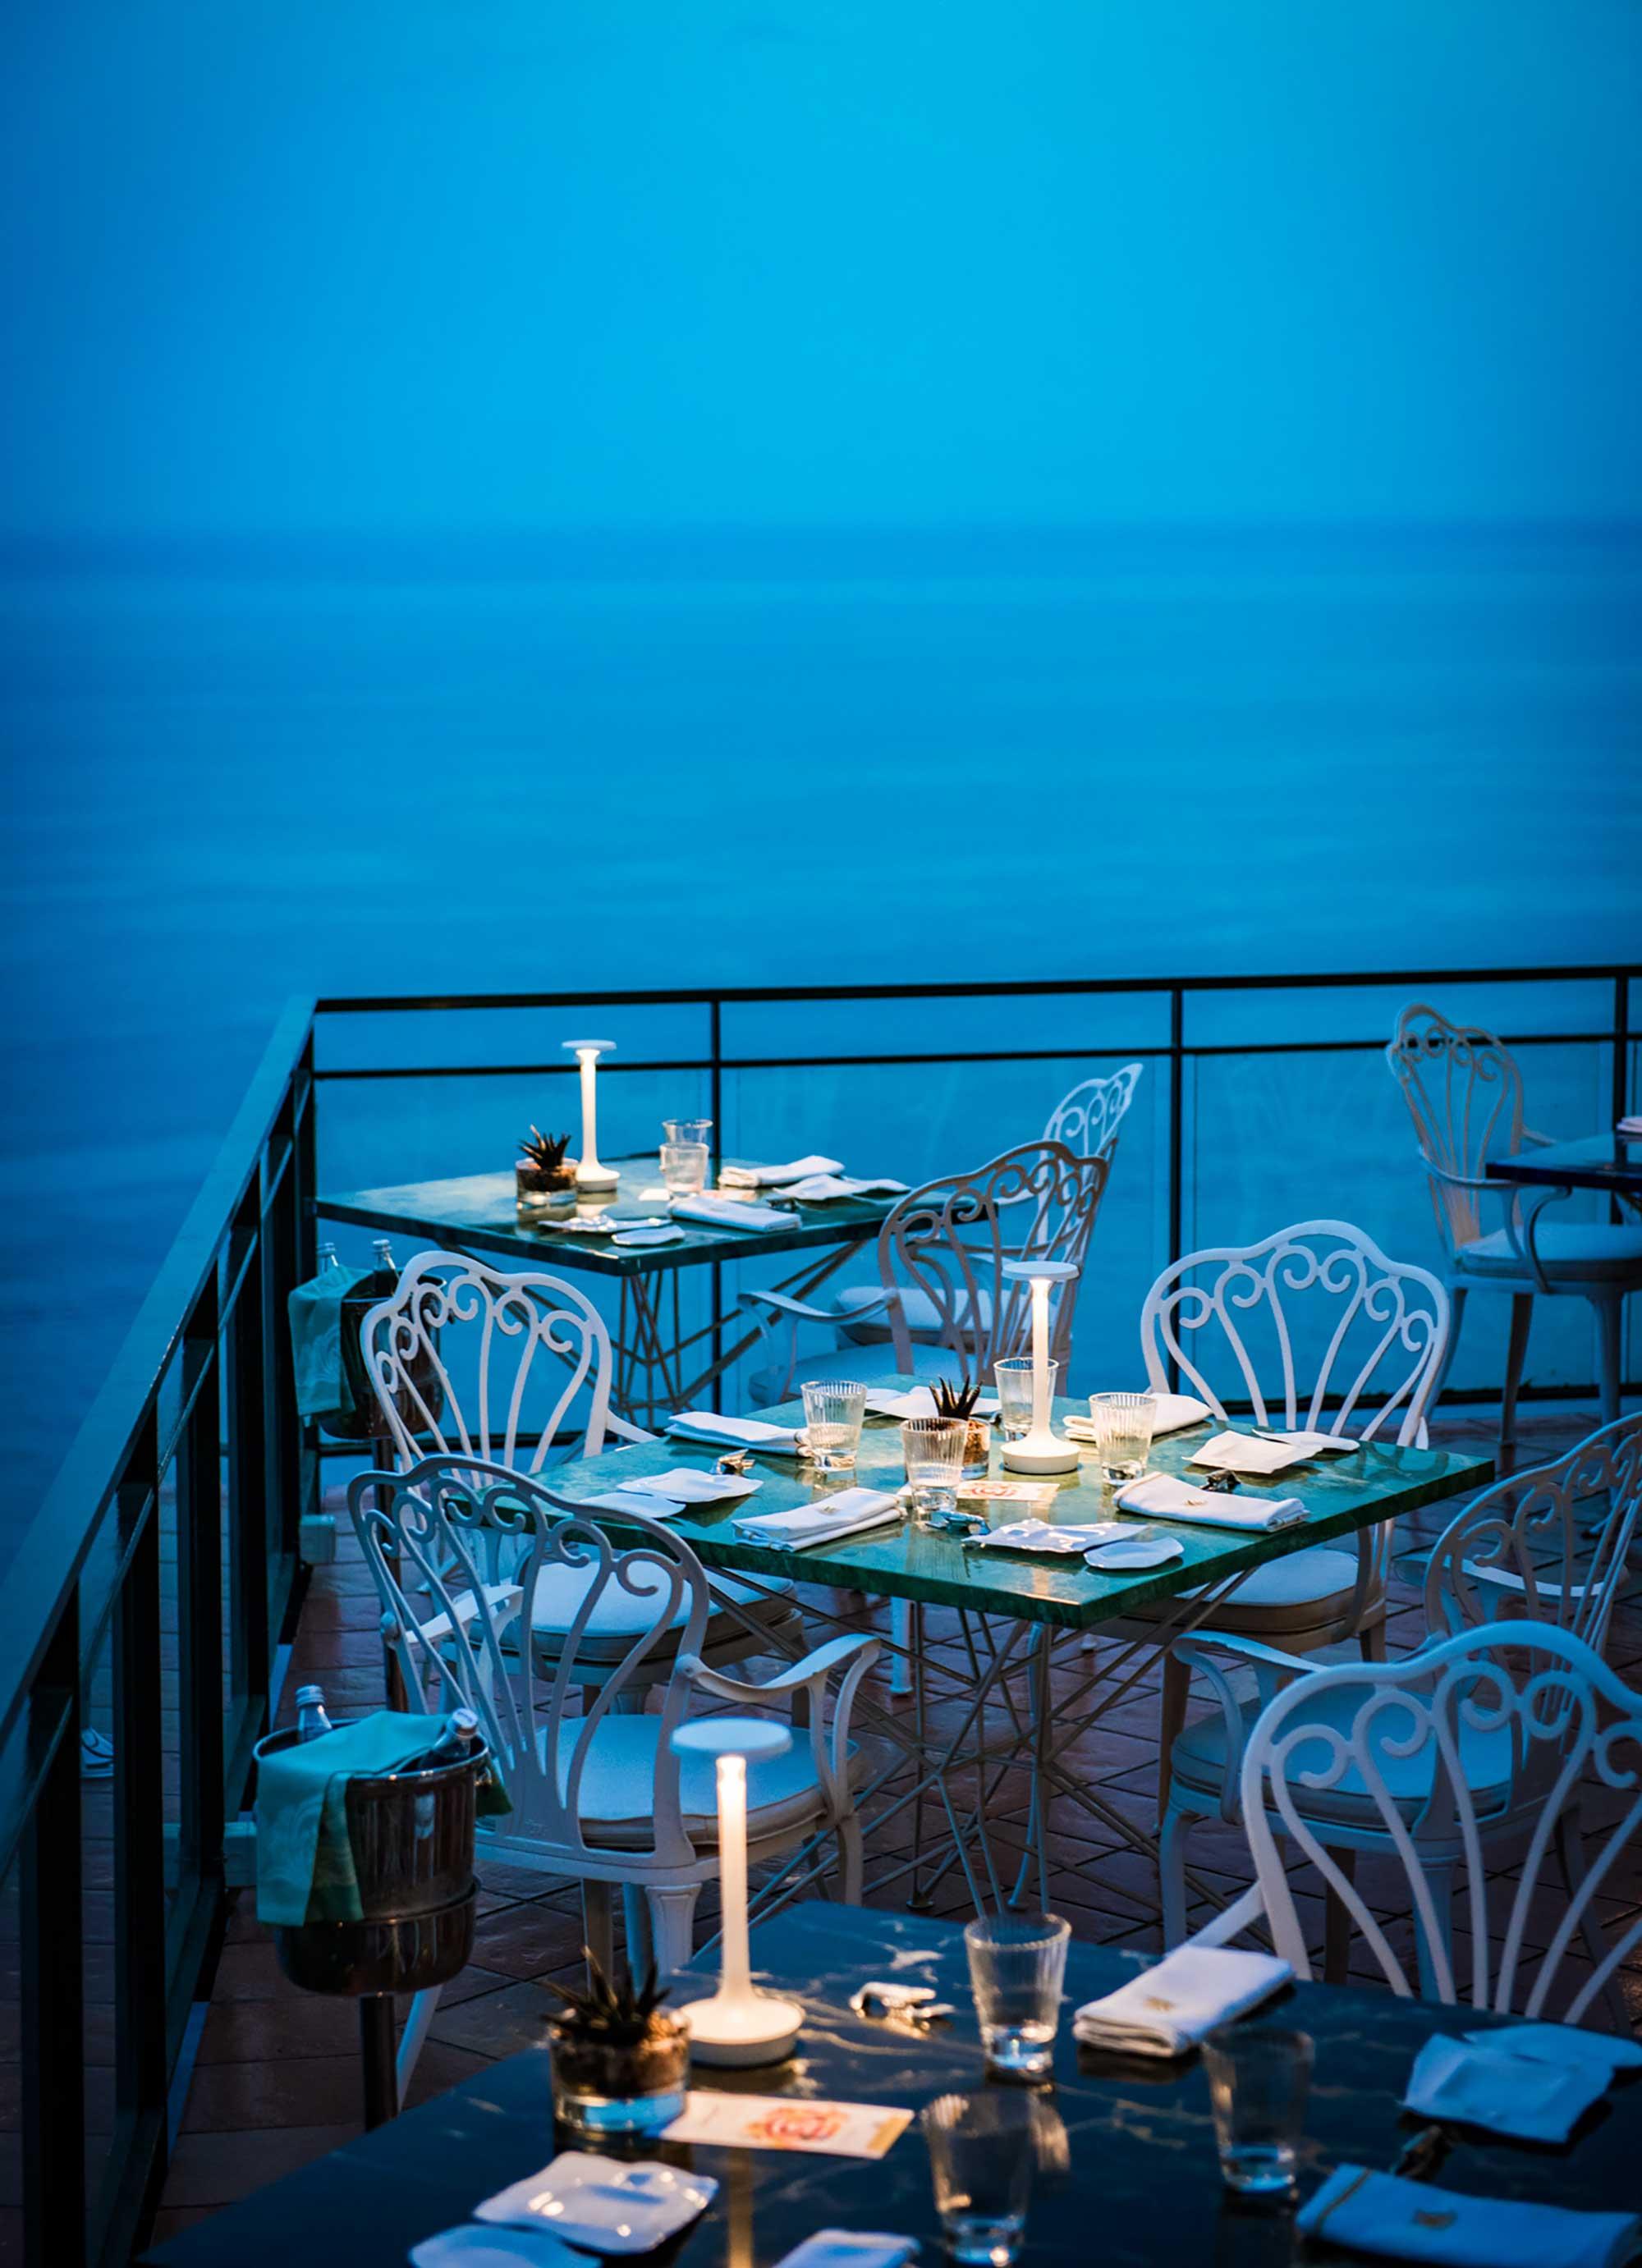 Terrasse dressée avec table pour deux personnes, ambiance romantique